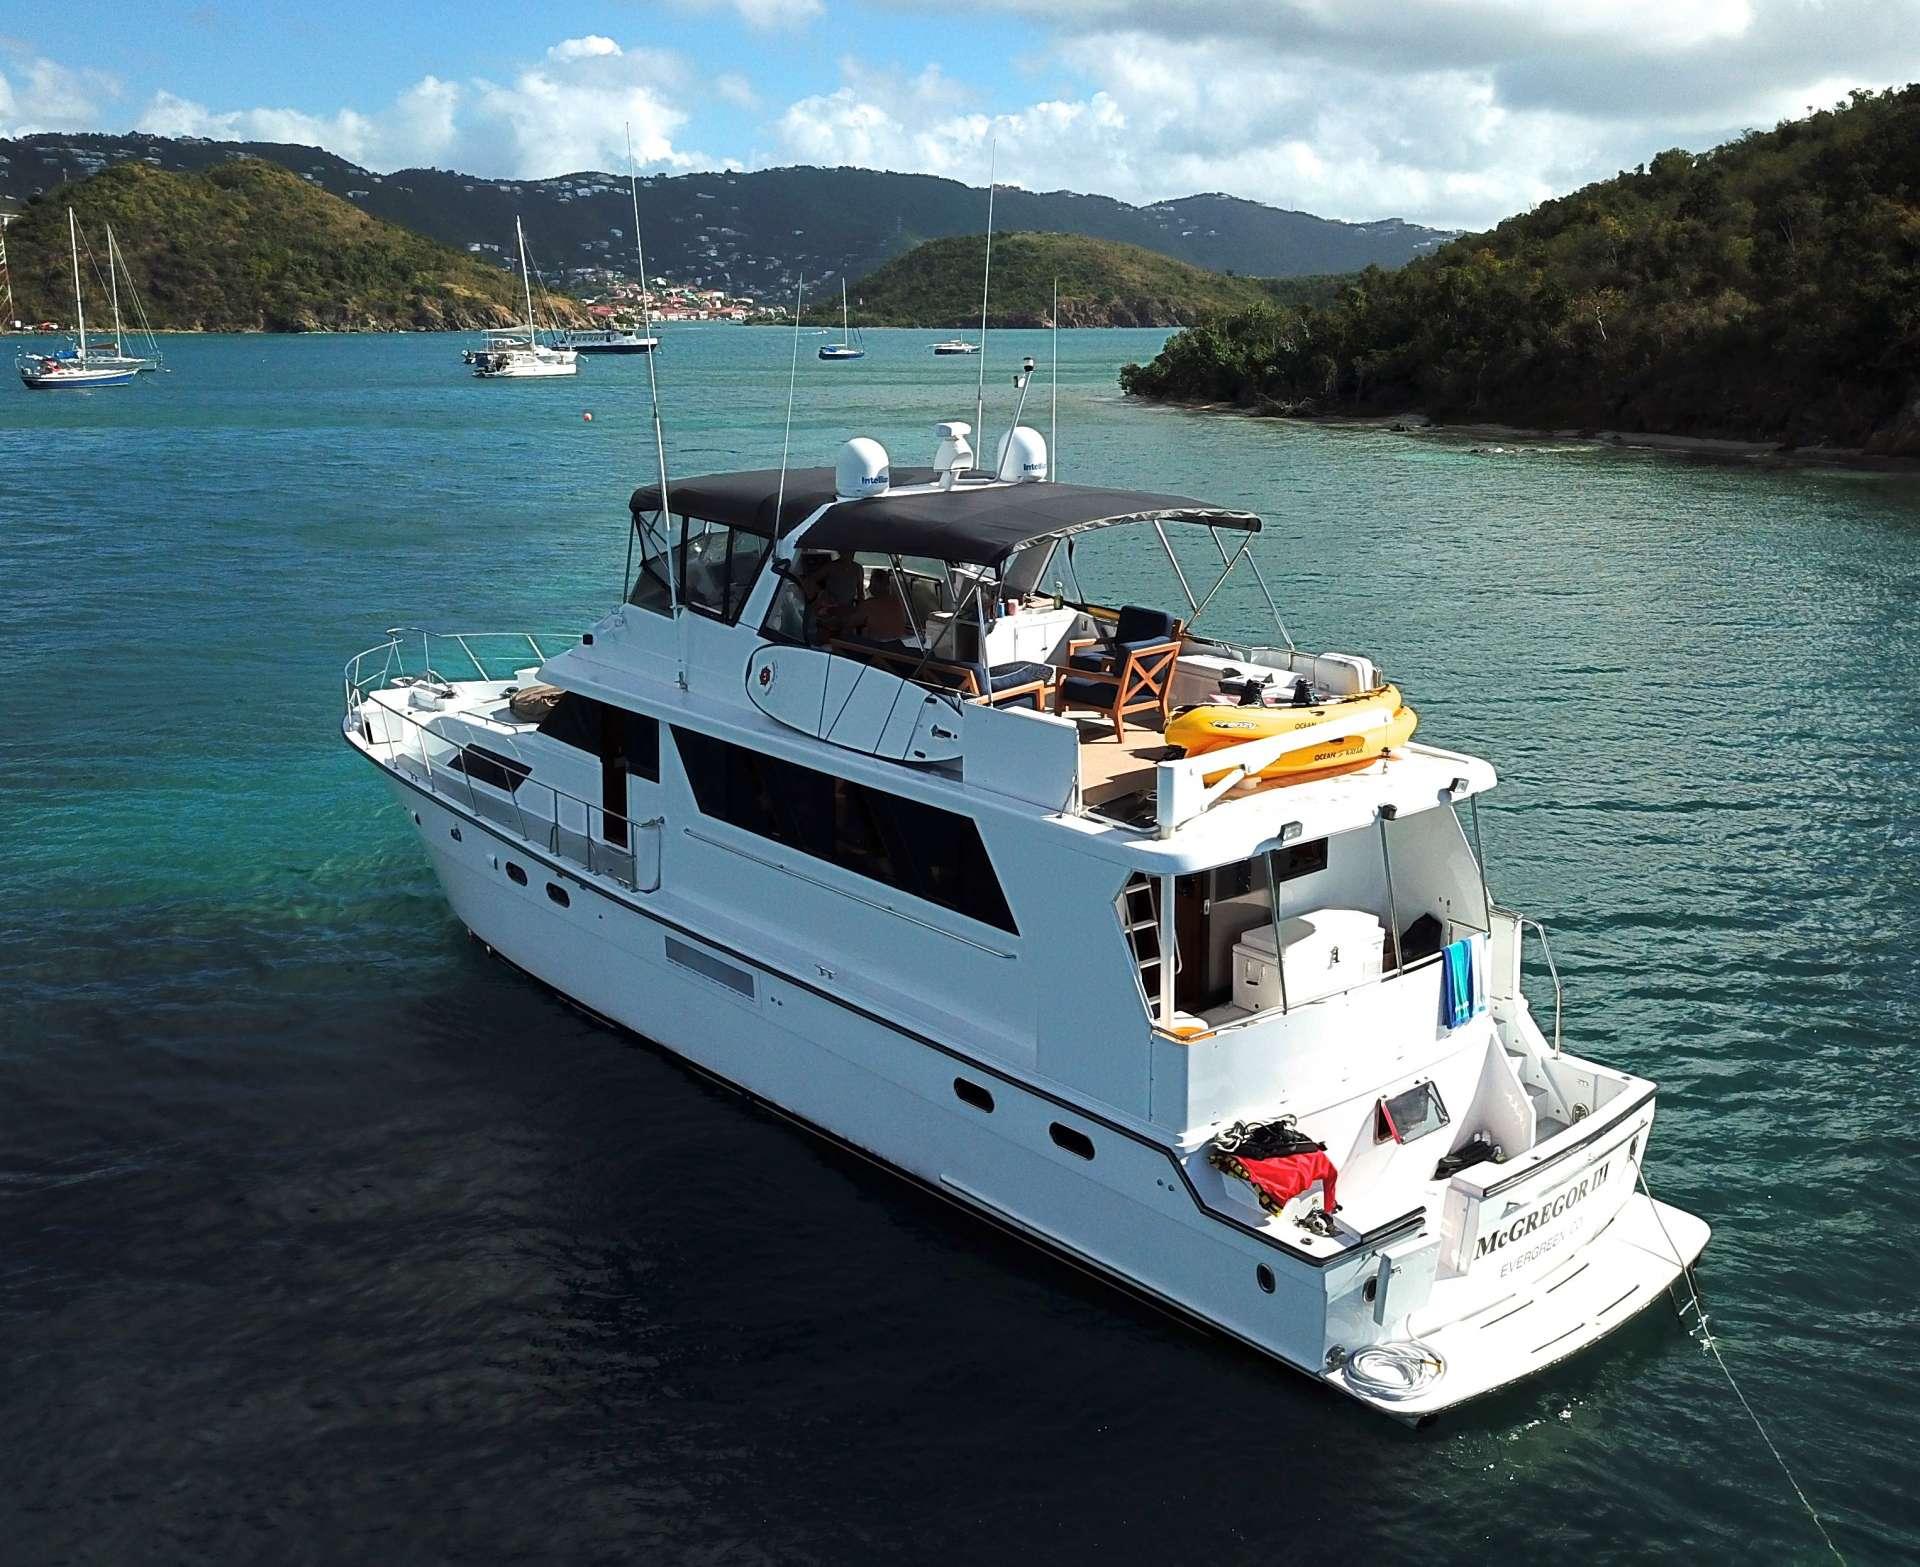 Main image of MCGREGOR III yacht